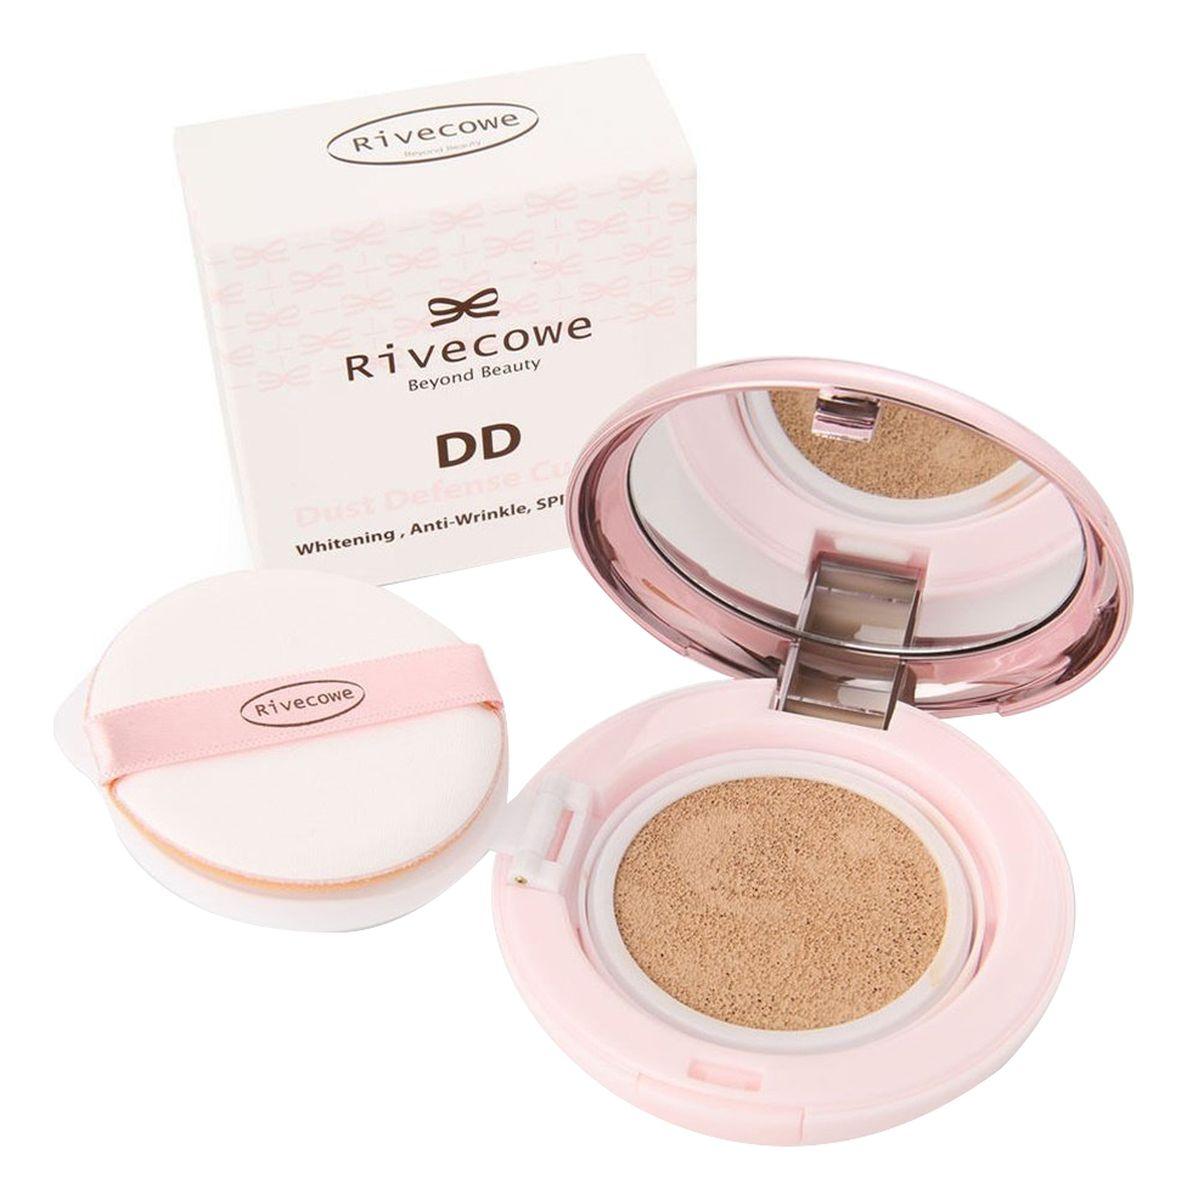 Тональный кушон для лица Rivecowe Beyond Beauty DD Dust Defense Cushion SPF50+ РА+++ - 13 гр